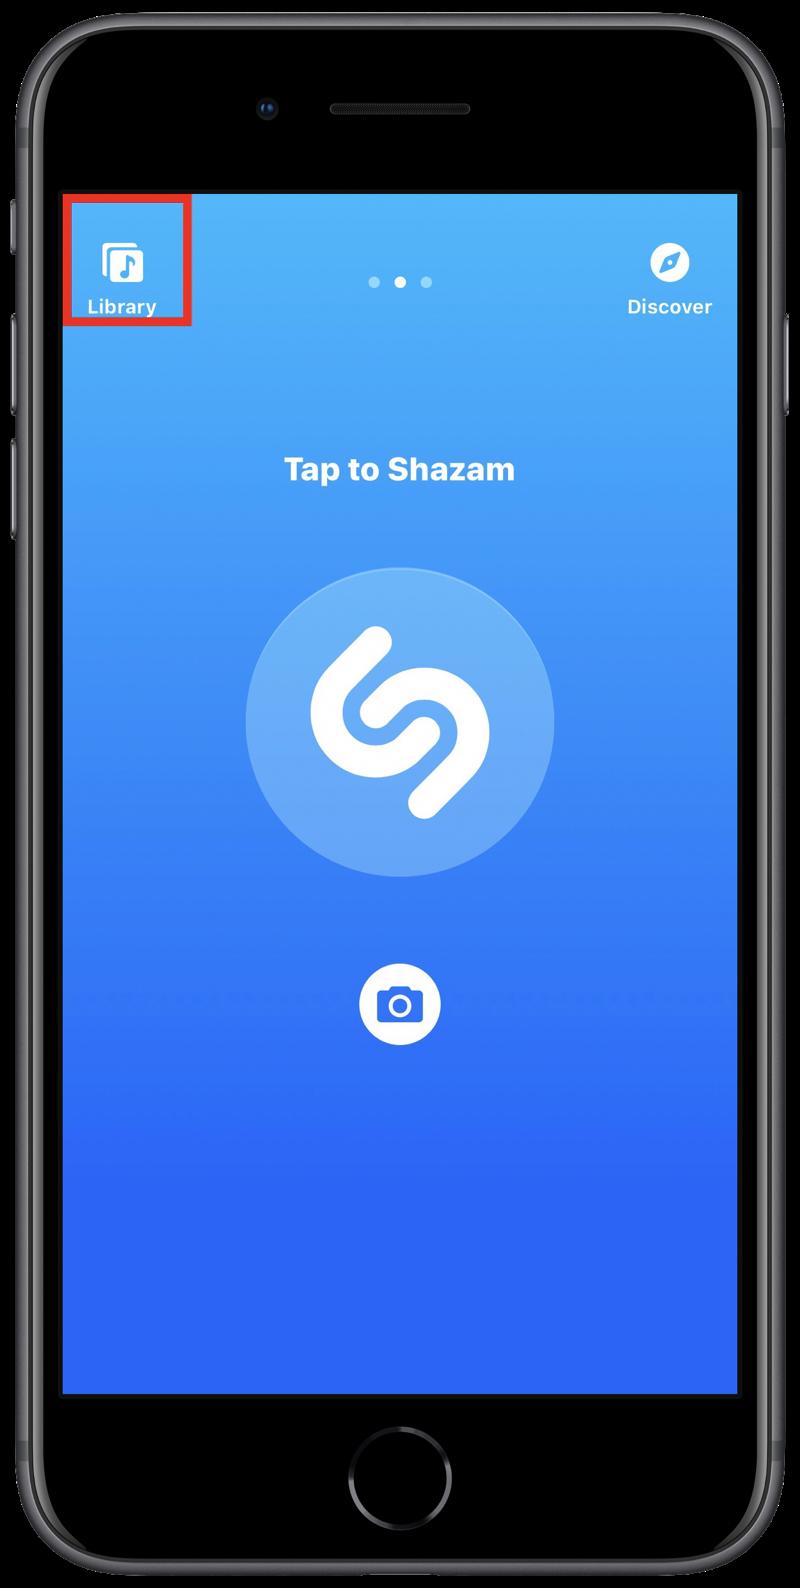 Free Apple Music in Shazam screenshot